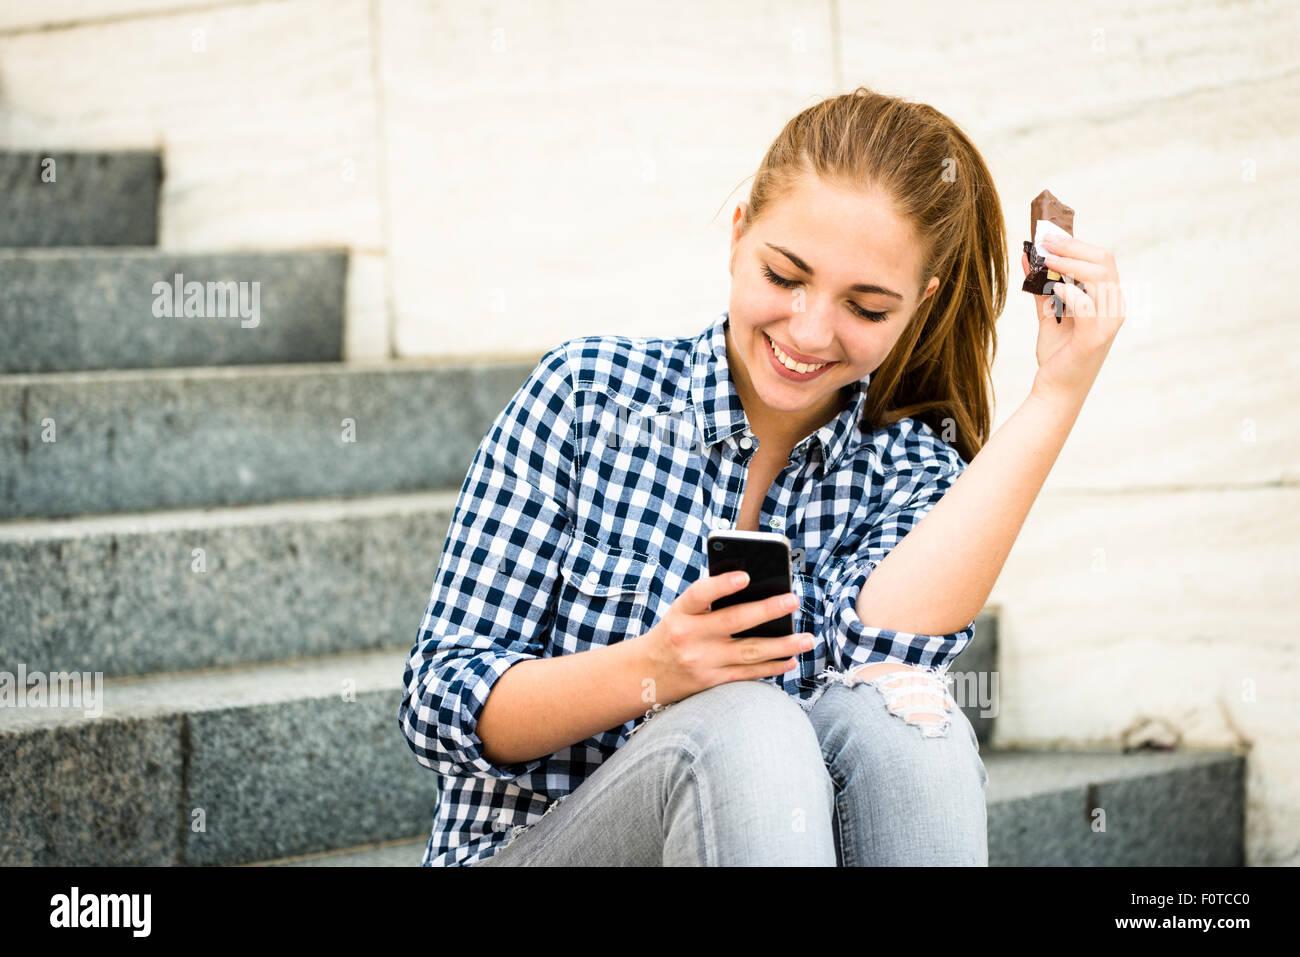 Adolescente - giovane donna mangiare il cioccolato in strada e cercando nel telefono Immagini Stock